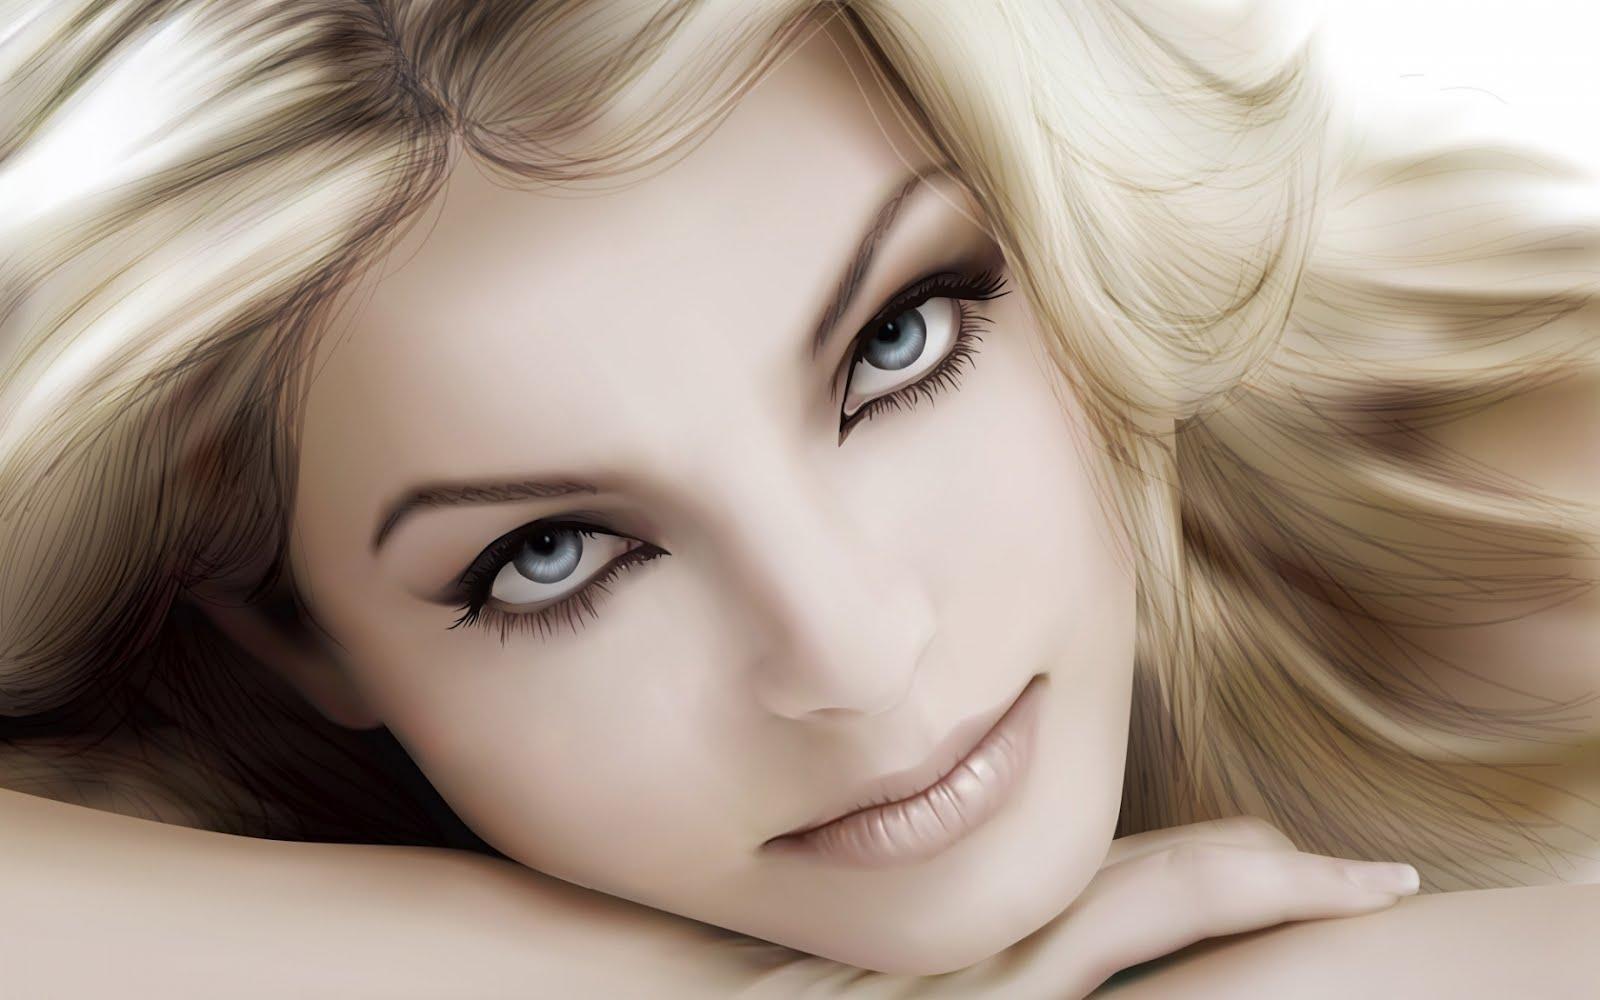 http://3.bp.blogspot.com/-EovKlkC7qwY/UCQkt0FtoxI/AAAAAAAABiM/mMna4BqUSRA/s1600/girl_blonde_eyes_hands_3270_1680x1050.jpg